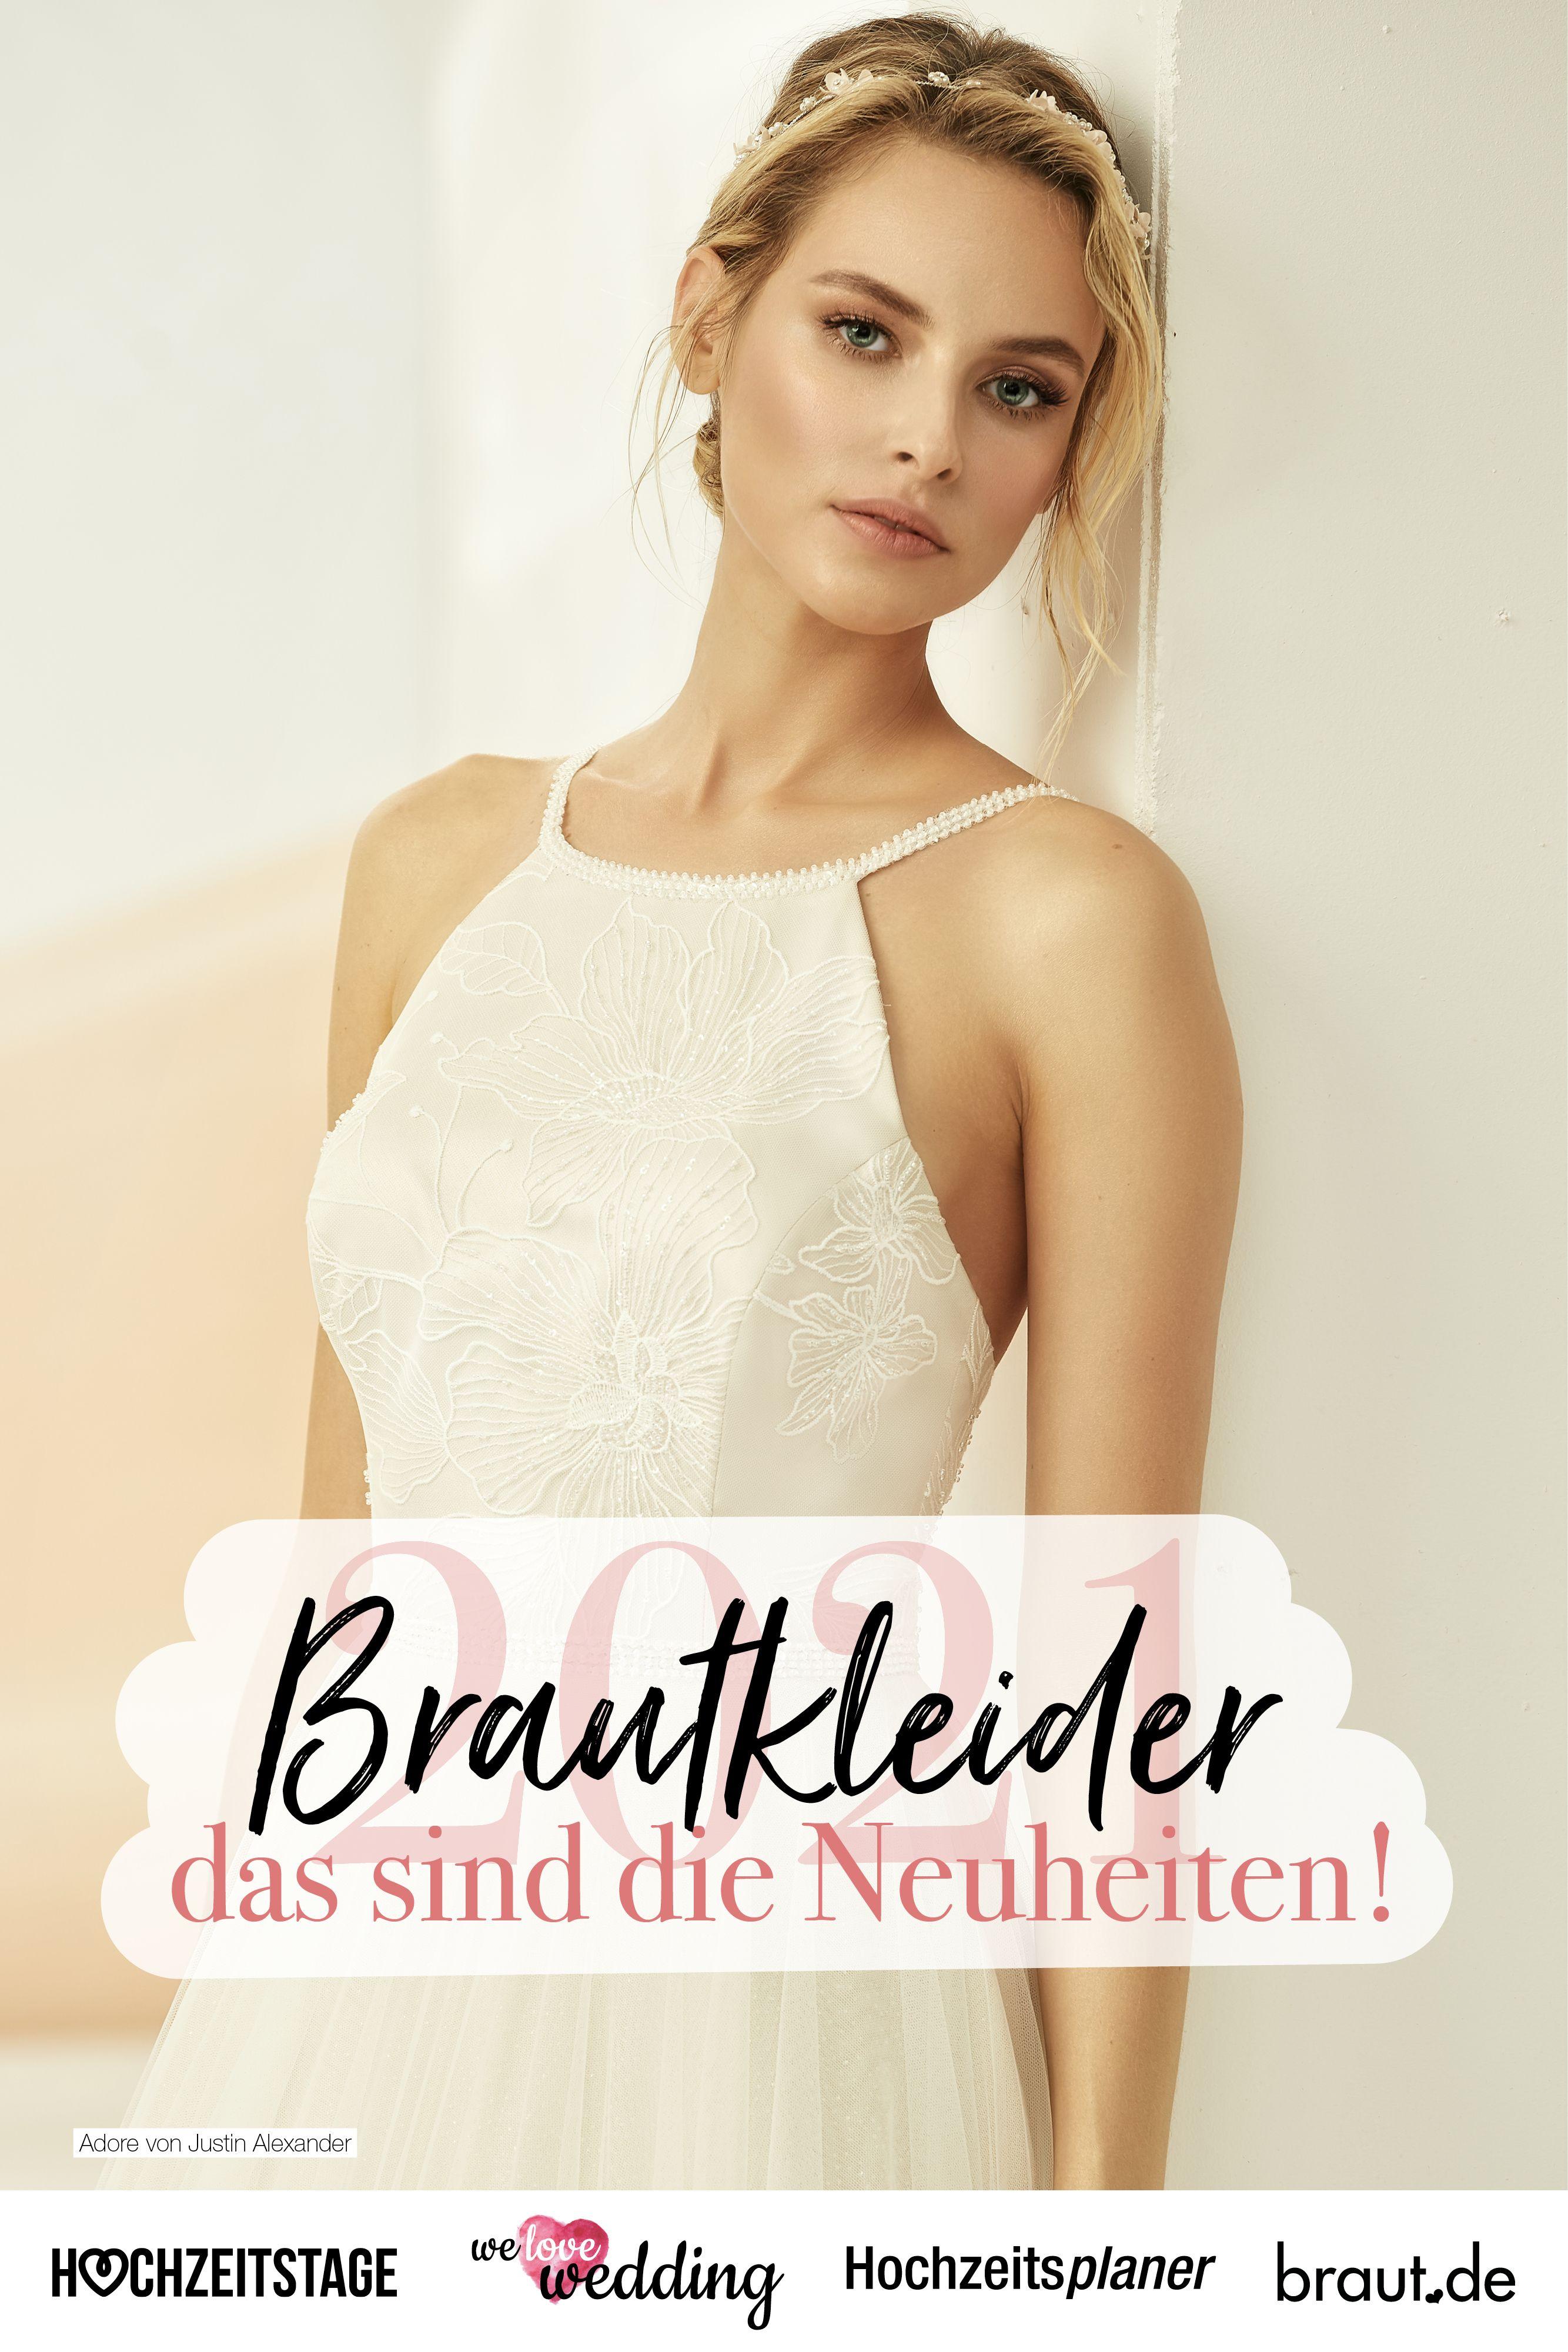 Du wirst nächstes Jahr heiraten? Dann darfst du schon jetzt auf die neuen Brautkleidertrends und die aktuellen Saisonkleider für das Jahr 2021 gespannt sein! Die Brautkleider versprechen Abwechslung und bieten tolle Highlights. #brautkleid #hochzeitkleid #hochzeit2021 #brautstyling #brautoutfit #brautkleider2021 #braut2021